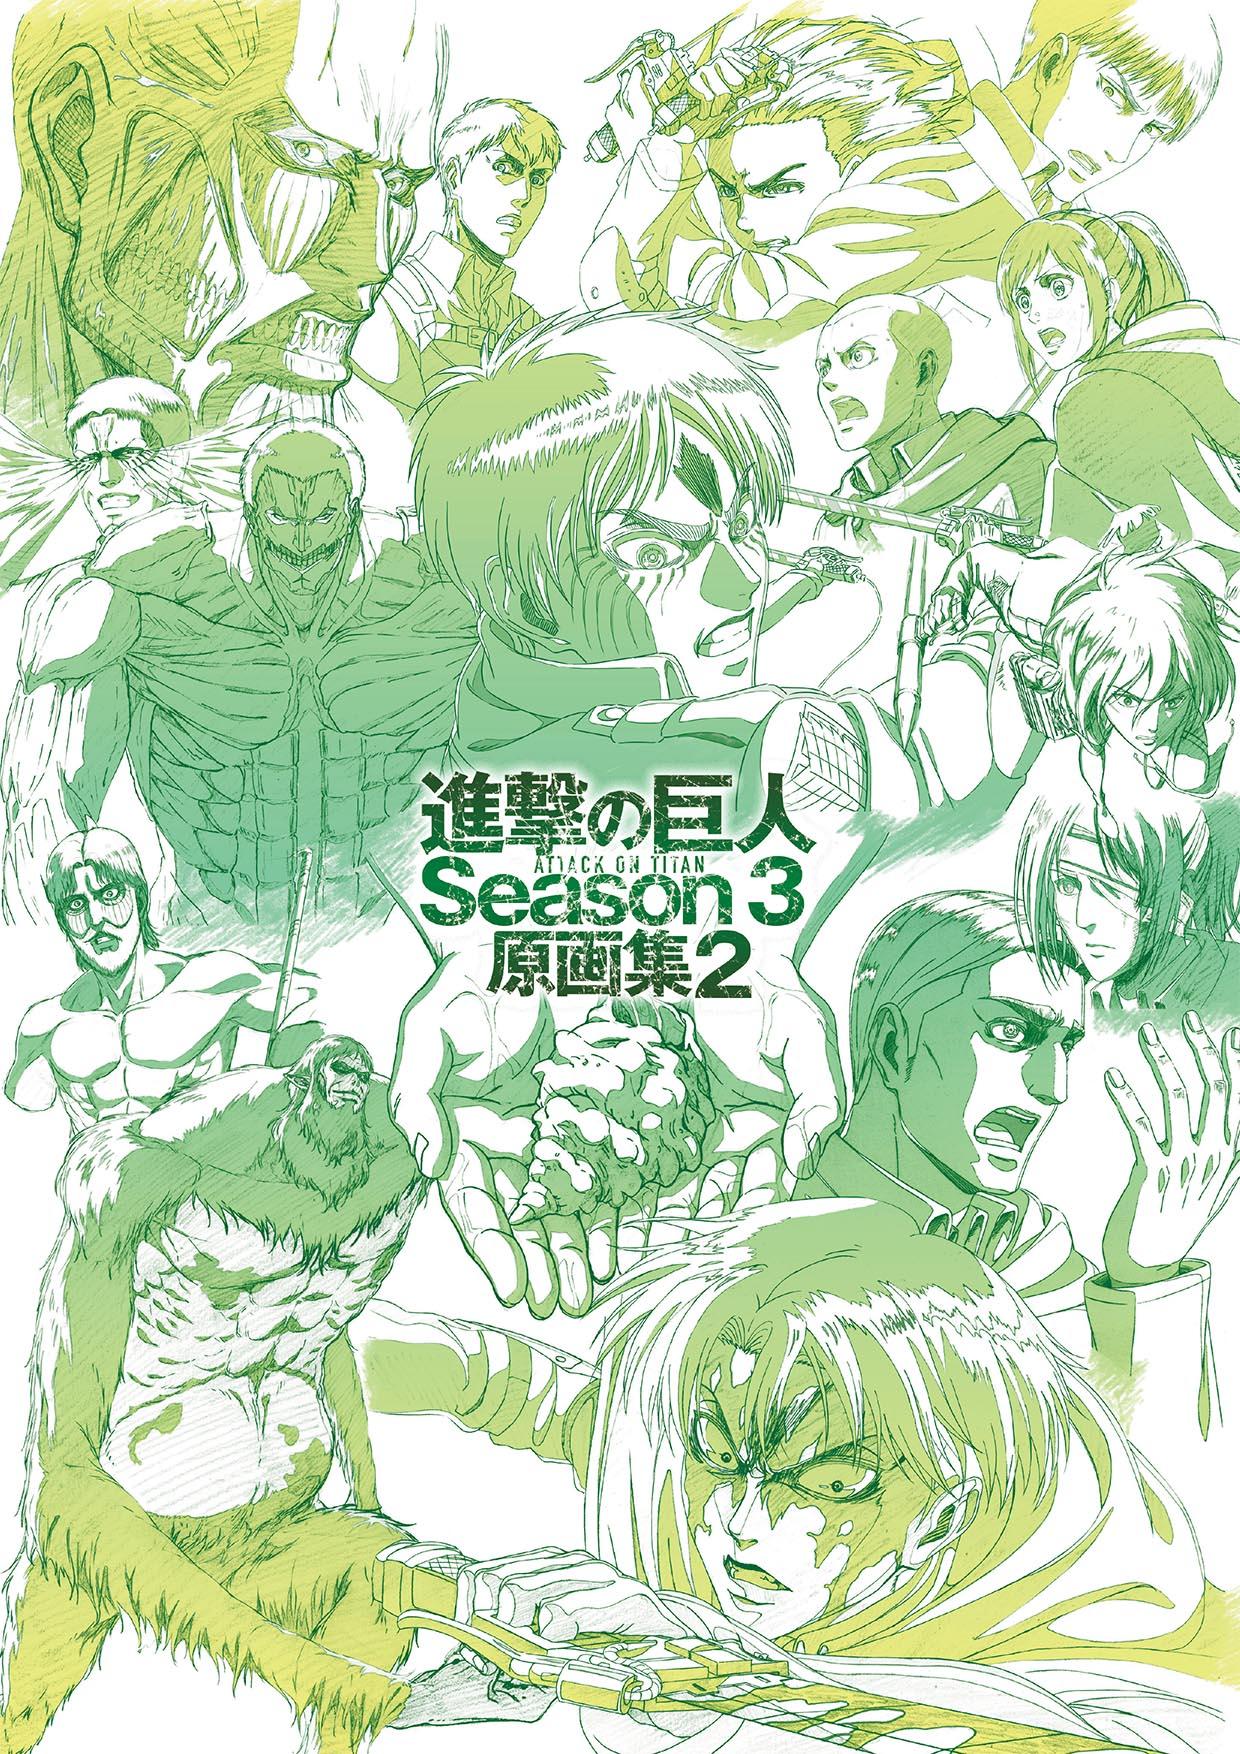 TVアニメ 進撃の巨人 Season 3 原画集2